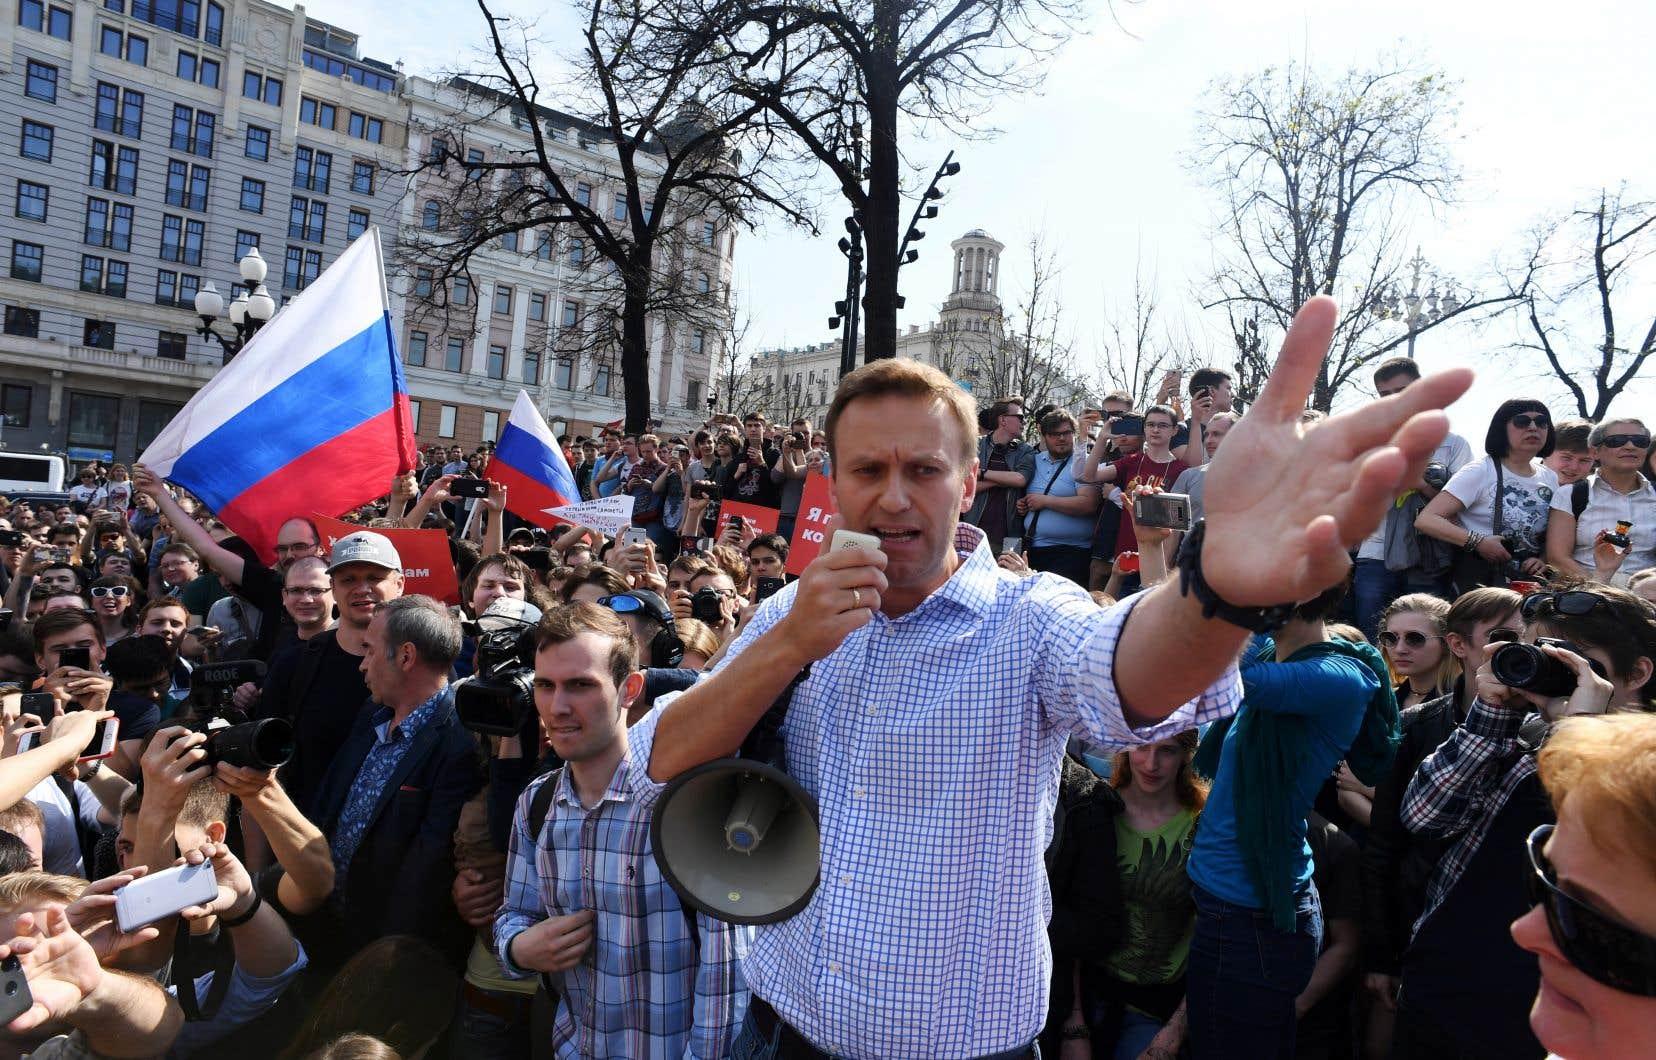 En mai 2018, Alexeï Navalny prenait part à une manifestation interdite contre le gouvernement de Poutine qui entamait un quatrième mandat. L'opposant numéro un au Kremlin a été renvoyé en prison mercredi, à deux jours d'un rassemblement de l'opposition pour des élections libres.